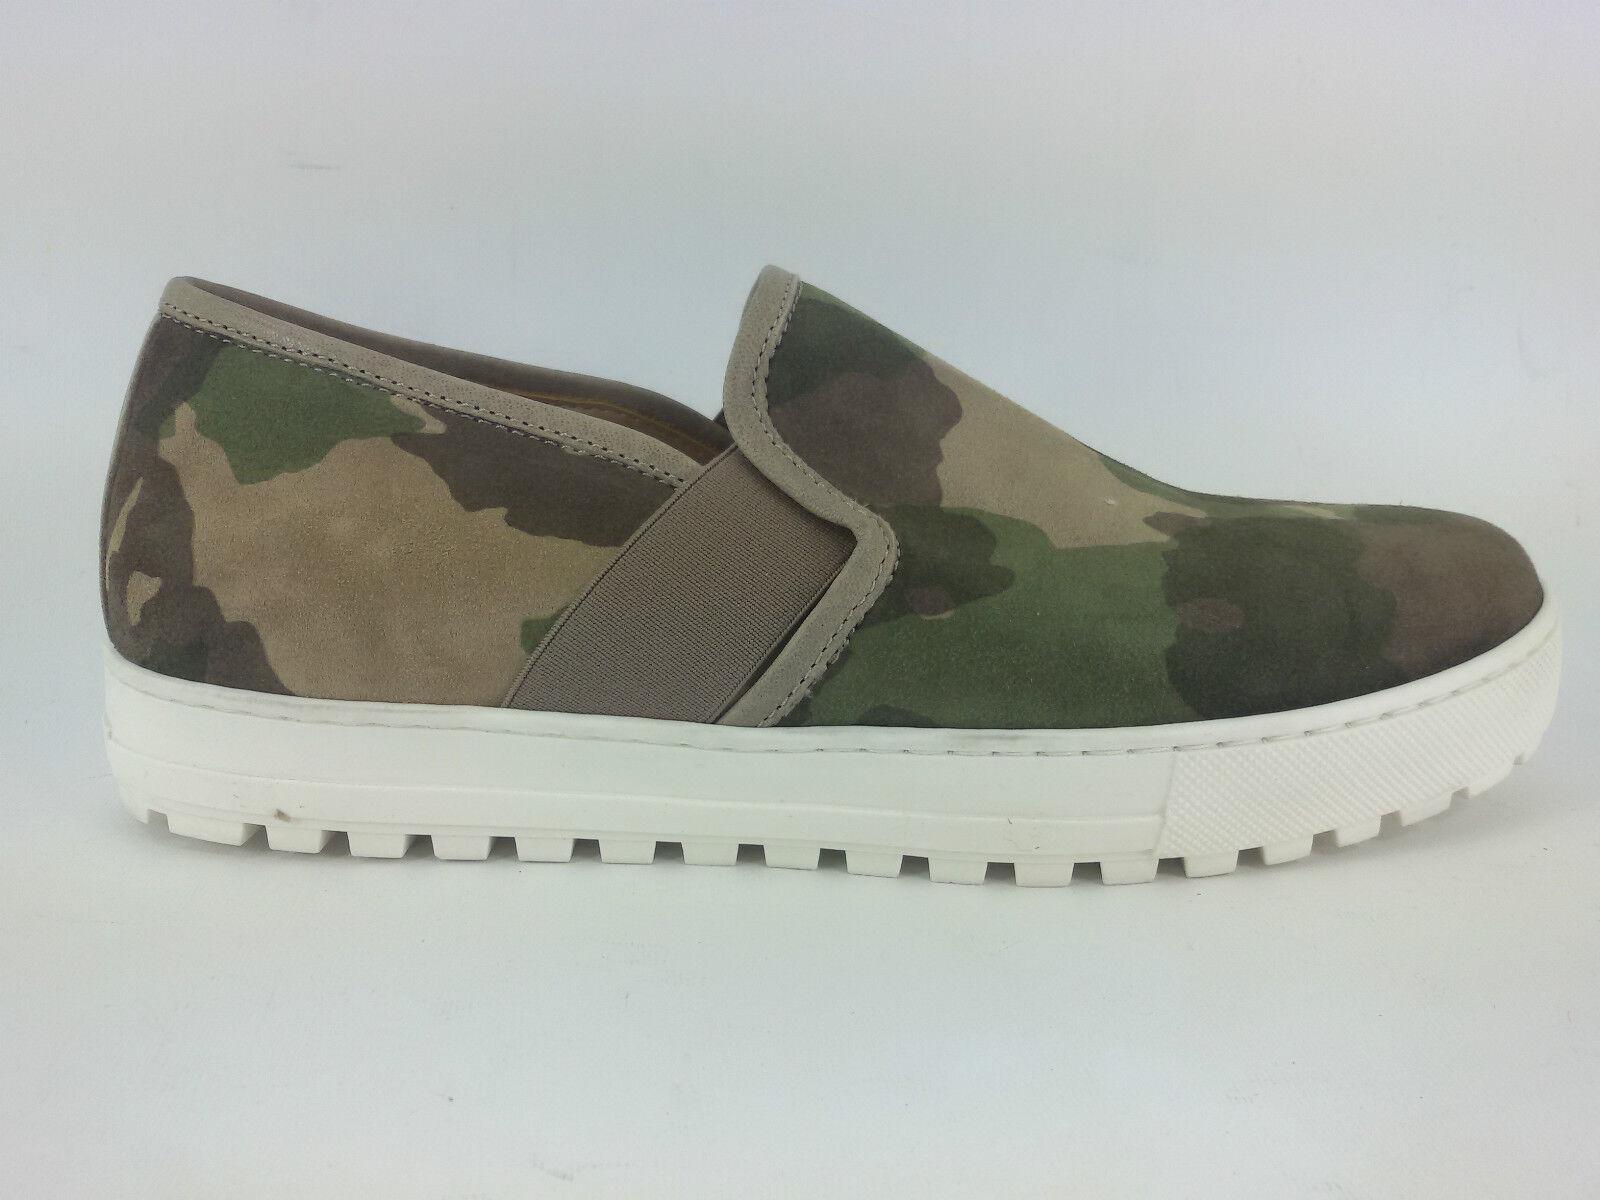 E17-LB6 SCARPE LAURA DONNA 41 scarpe da ginnastica SLIP-ON LAURA SCARPE BELLARIVA MIMETICO (MILITARE) 0218dc